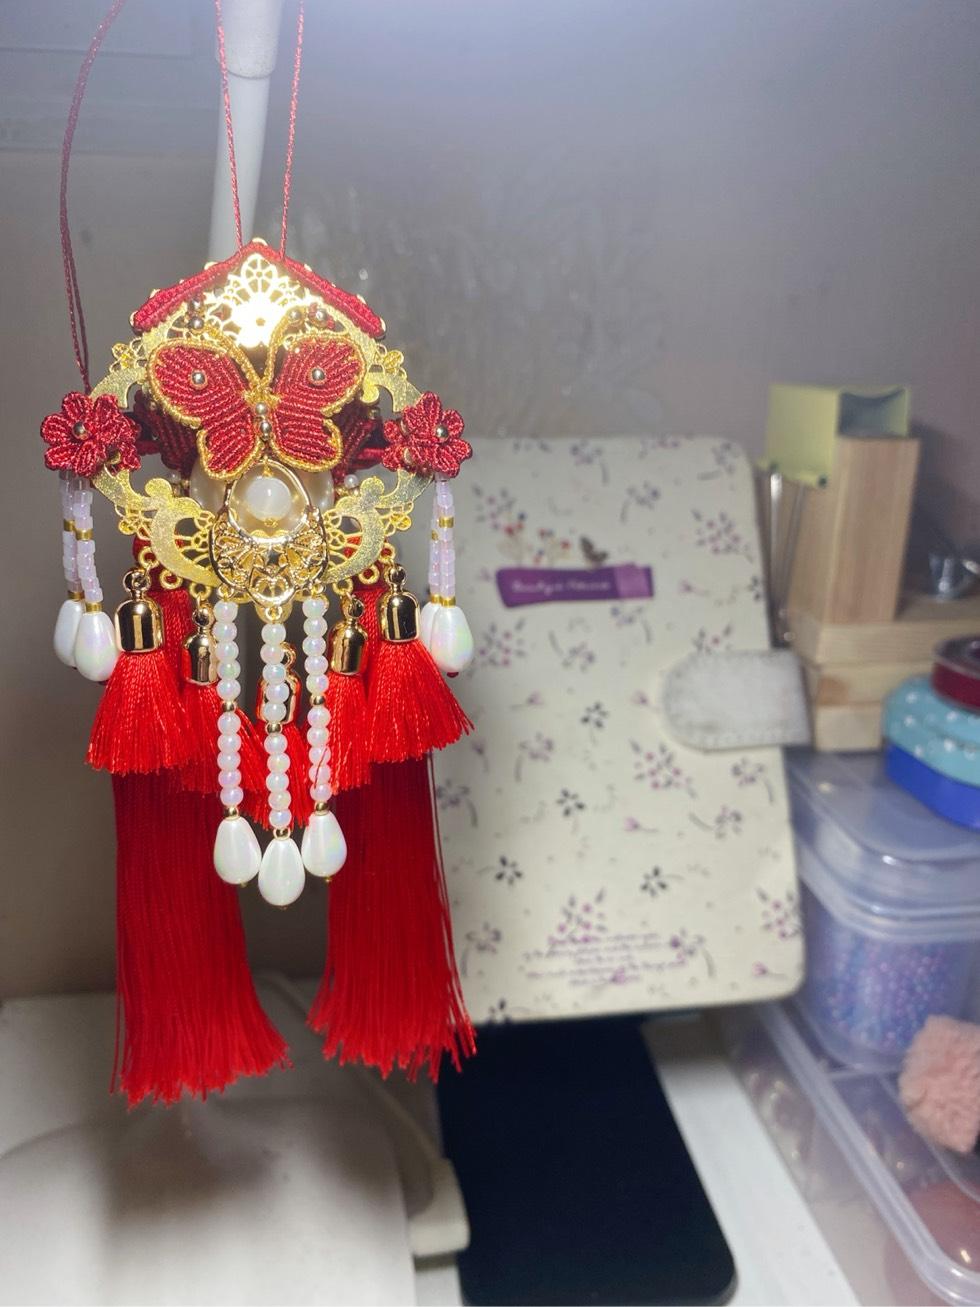 中国结论坛 拖延症患者的蝴蝶夫人(红妆) 怎么治疗拖延症患者,晚期拖延症患者,蝴蝶夫人表达了什么,蝴蝶夫人晴朗的一天 作品展示 210254kezb4qbkqj0q7q58